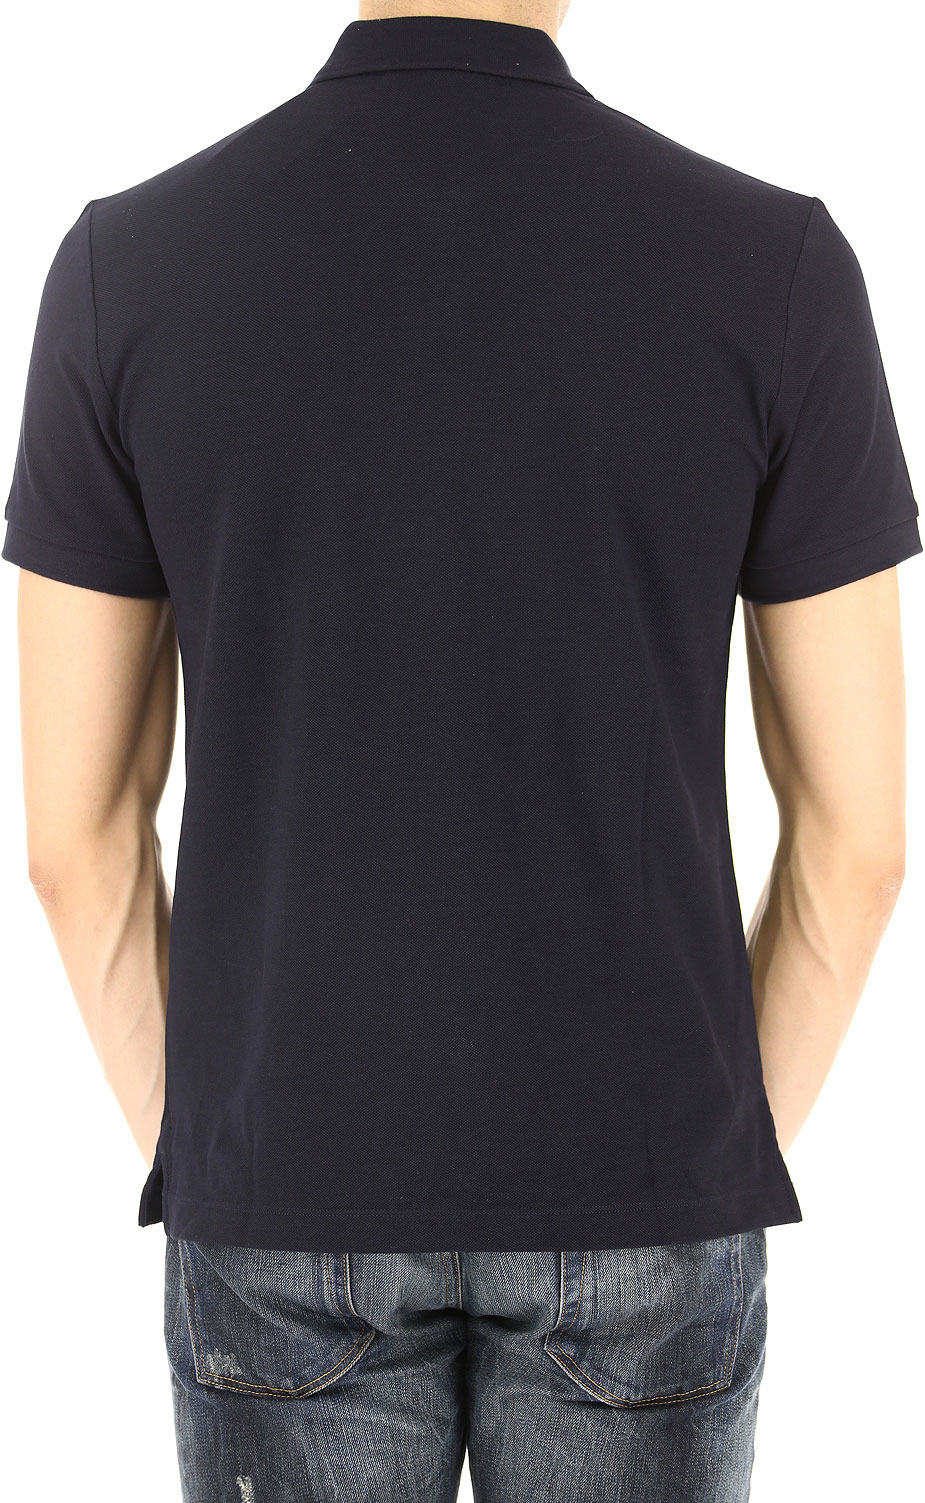 Abbigliamento Uomo Burberry Codice Articolo 4010694-1002-